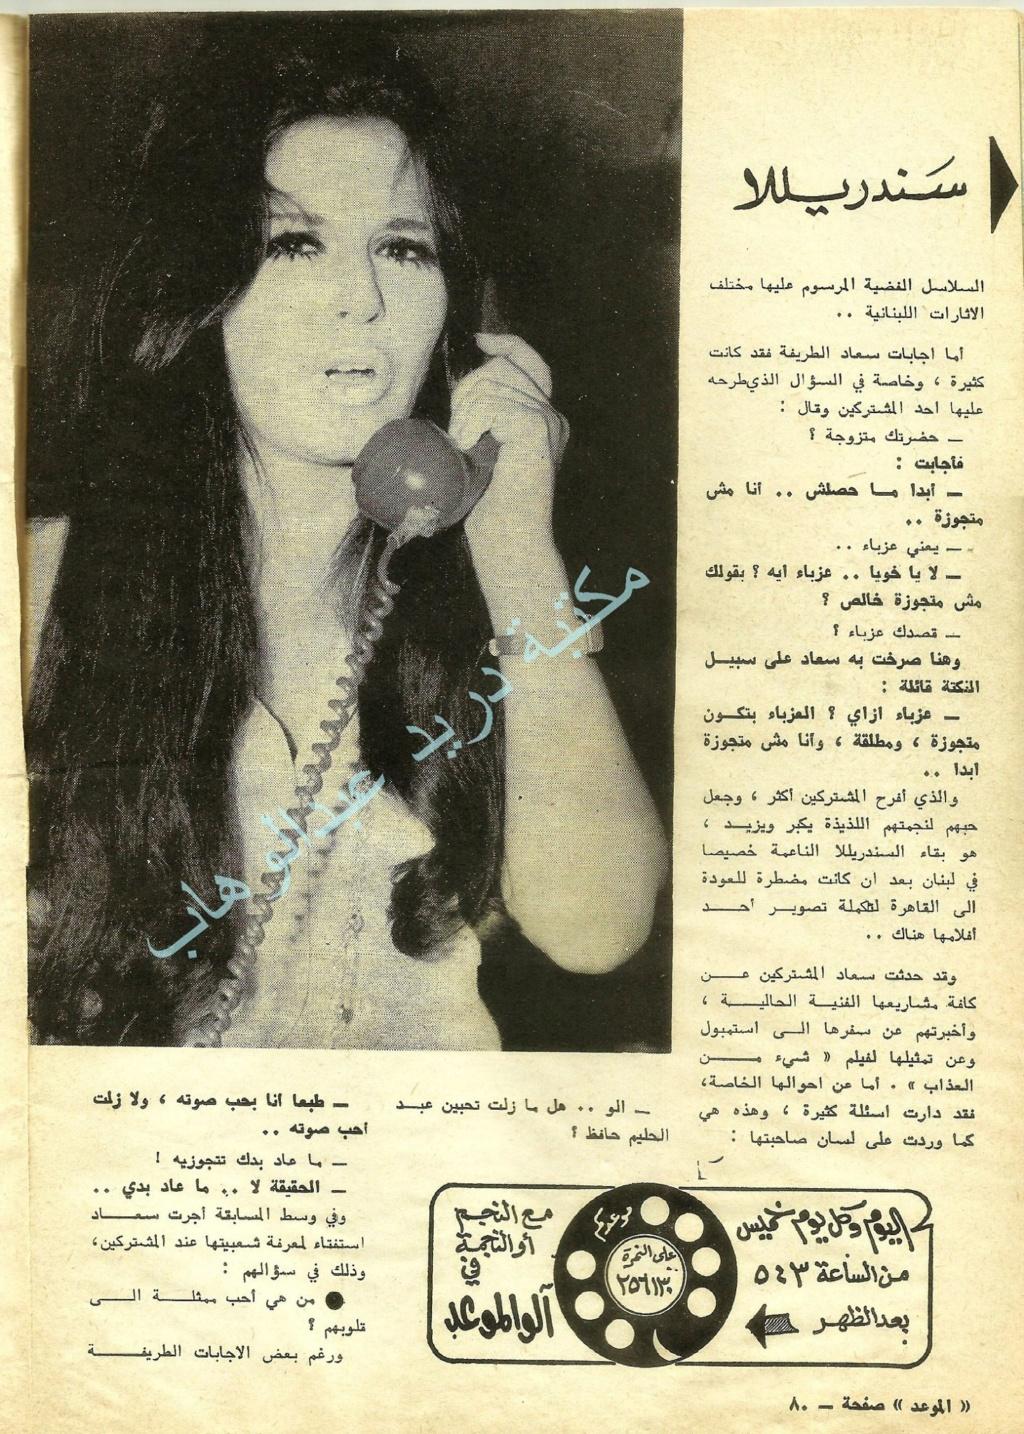 مقال صحفي : السندريللا .. والكل يحبونها 1969 م 379